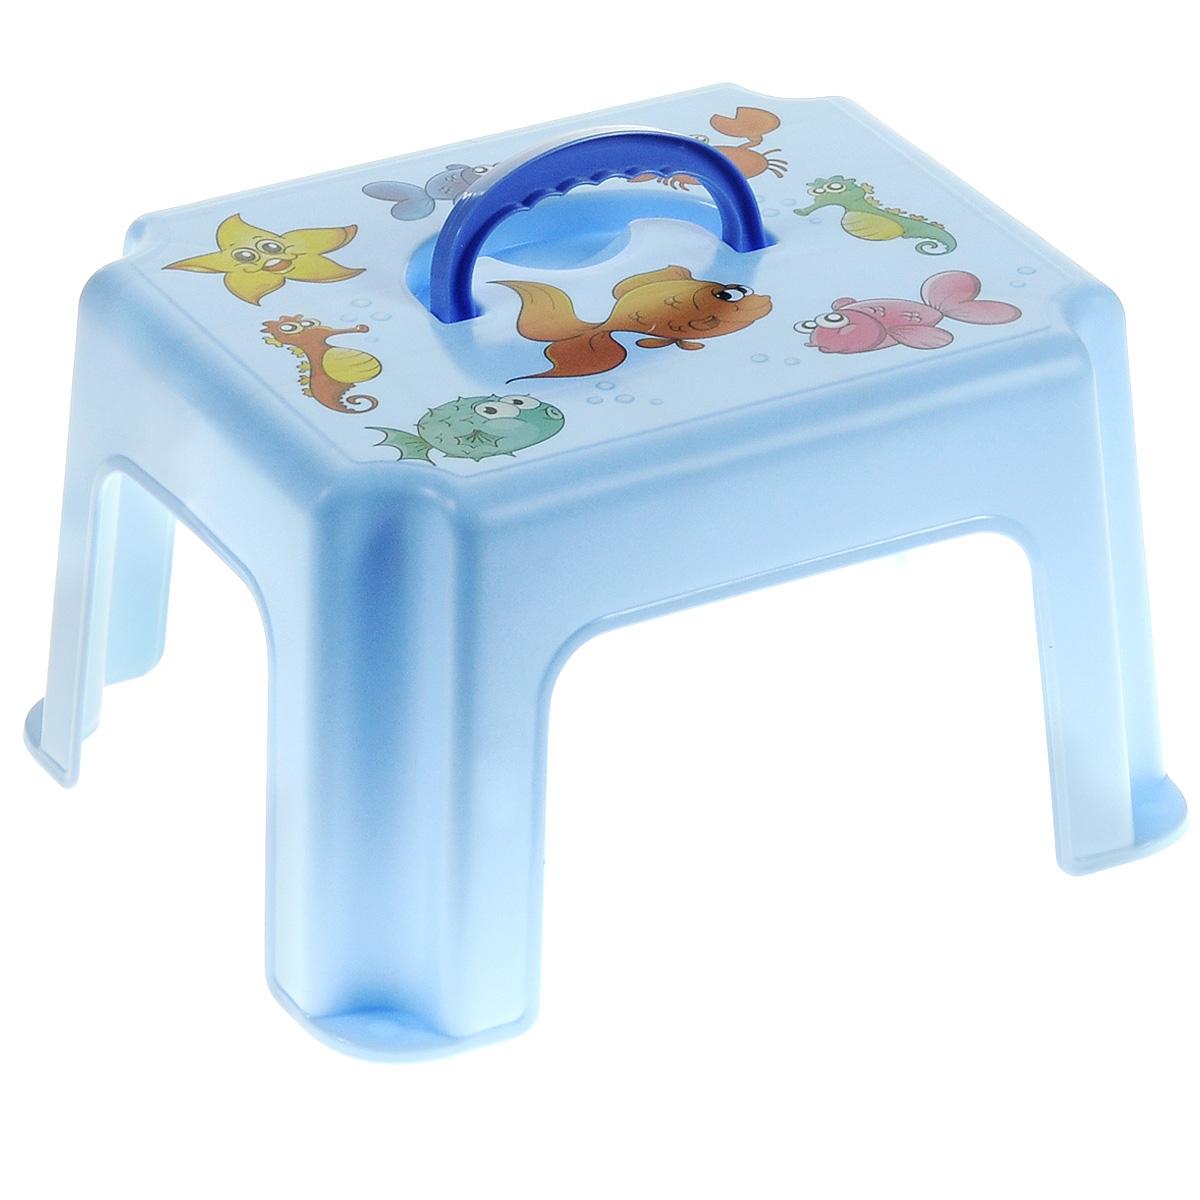 Табурет-подставка детский, с ручкой, цвет: голубойМ 2290_голубойТабурет-подставка Idea изготовлен из высококачественного прочного пластика, оформленного красочными изображениями, которые привлекут внимание ребенка. Изделие предназначено для детей, можно использовать и как стульчик, и как подставку для игрушек. Очень удобный аксессуар для мам и малышей. Табурет оснащен ручкой для удобной переноски.